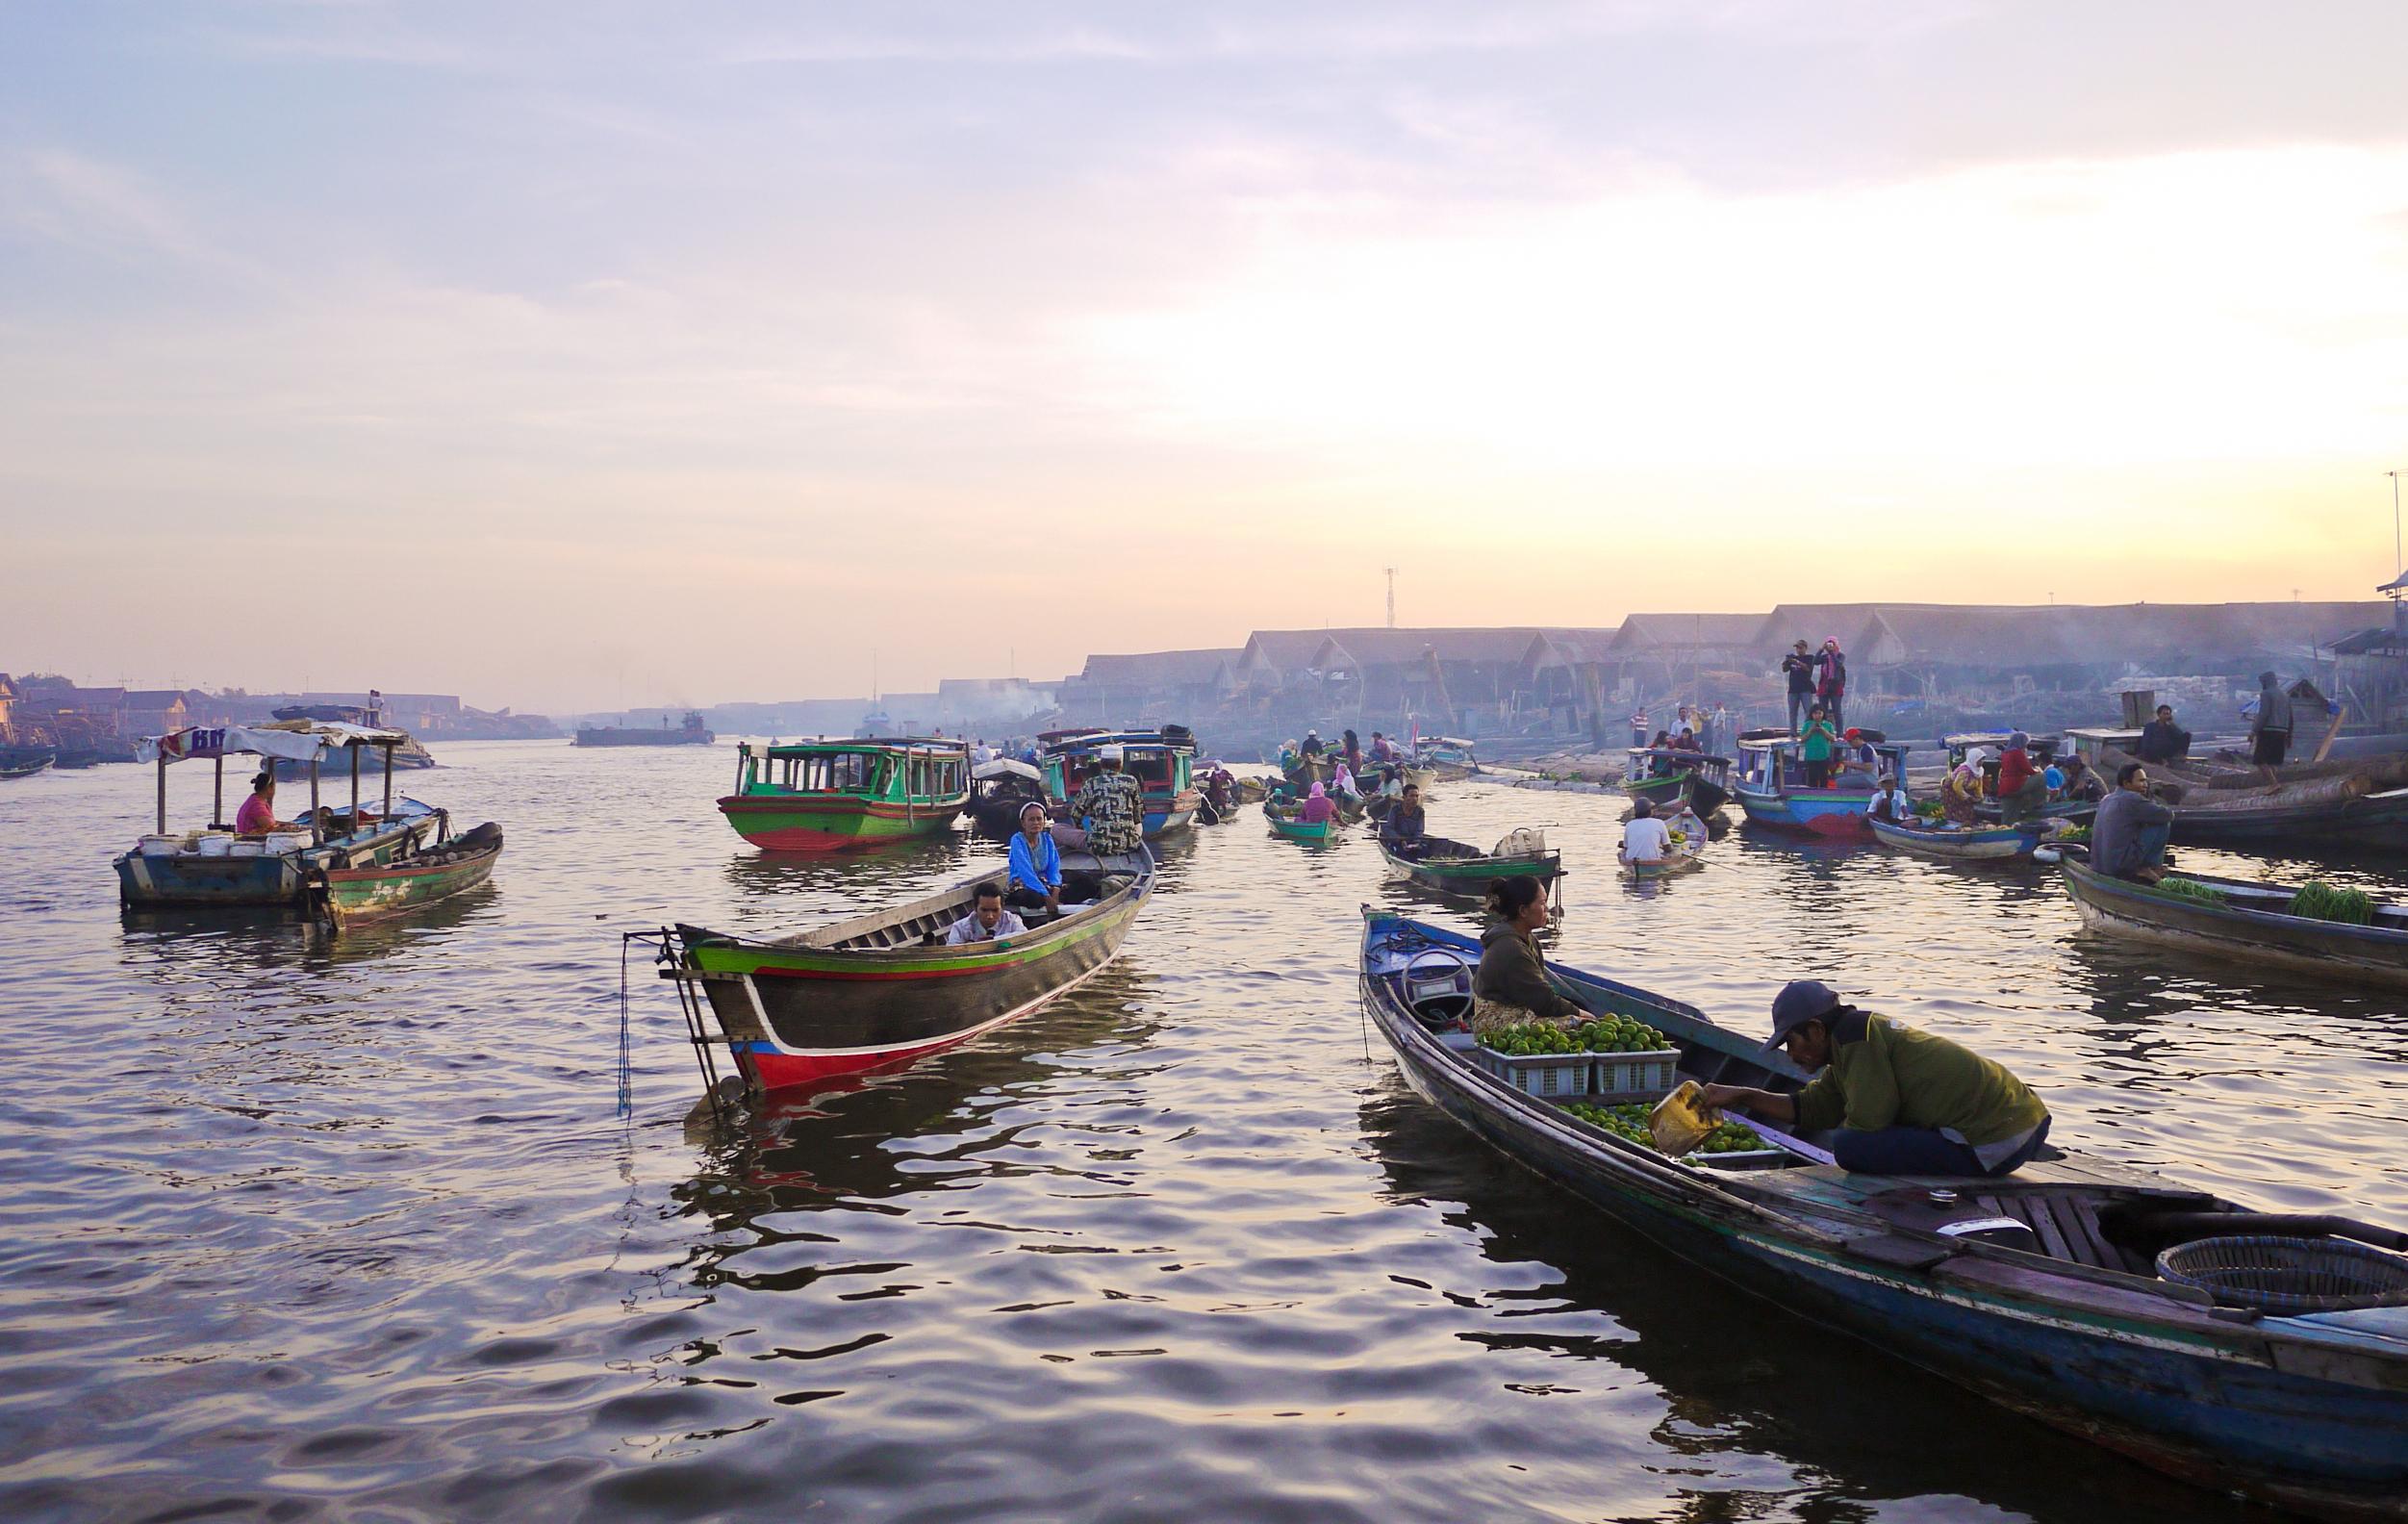 Aktivitas Pasar Apung pada salah satu sungai di Banjarmasin | Foto: blog.airyrooms.com